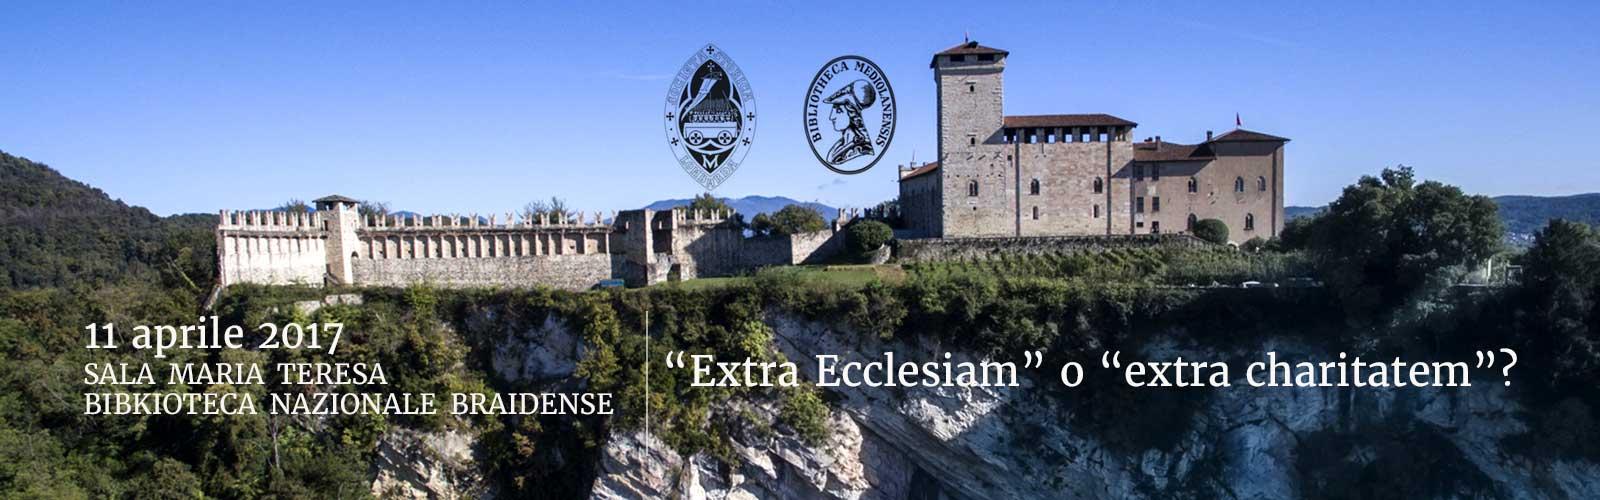 """""""Extra Ecclesiam"""" o """"extra charitatem""""?"""